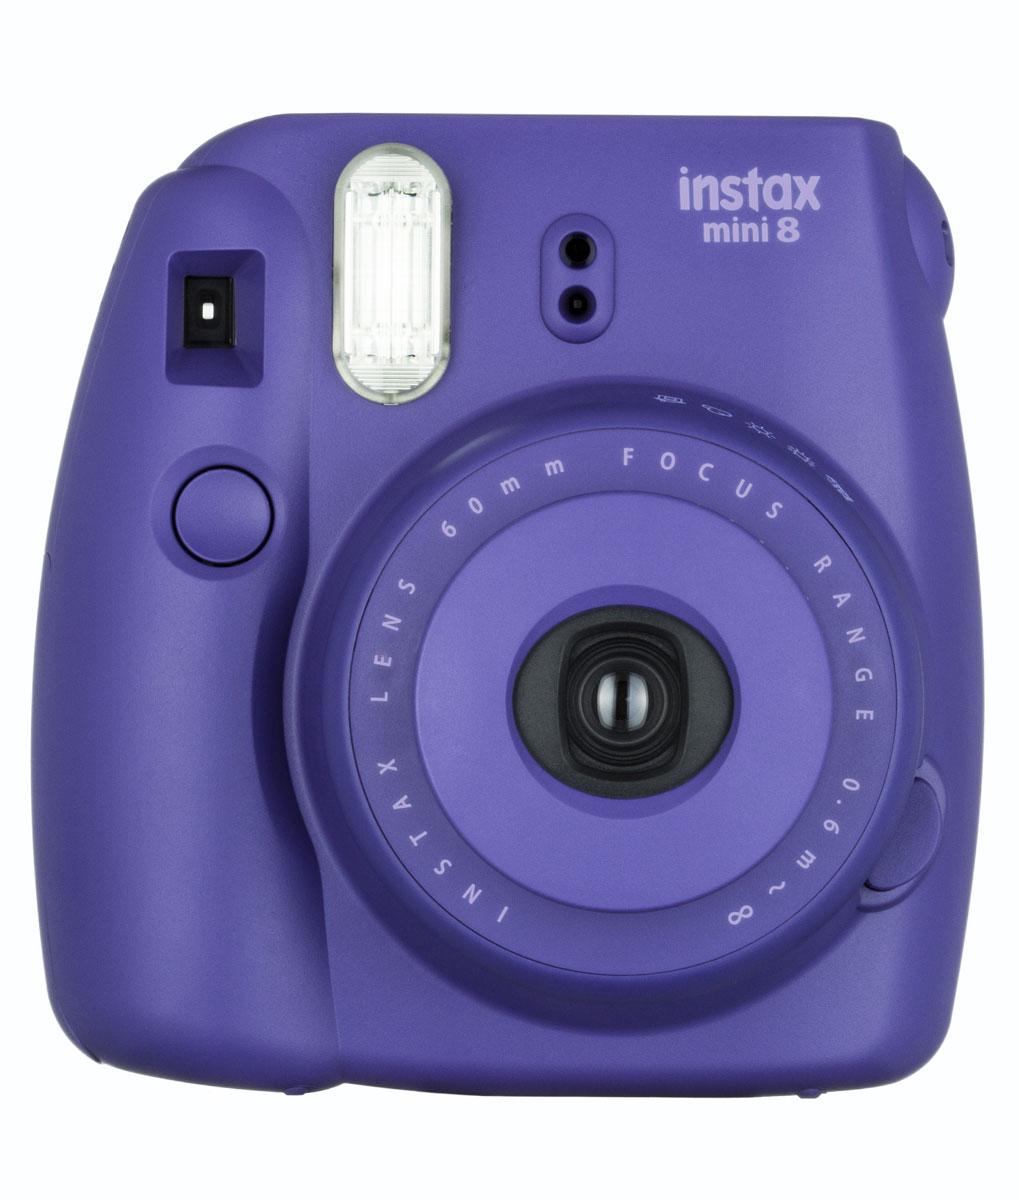 Fujifilm Instax Mini 8, Grape фотокамера мгновенной печатиINSTAX MINI 8Камера с технологией моментальной печати Fujifilm Instax Mini 8 позволяет печатать фотографии размера визитной карточки сразу после съемки. Обладая теми же конструктивными и эксплуатационными характеристиками, что и Instax mini 7S, Instax mini 8 примерно на 10% меньше mini 7S по объему корпуса. Процесс кадрирования стал проще благодаря видоискателю, который передает четкую картинку в реальном времени (даже при съемке под углом) и отличается более наглядной центральной меткой. К функциям съемки добавлен режим High-key - повышение диафрагмы на 2/3 ступени. Чтобы сделать фотографию с яркими и мягкими цветами, которые так полюбились девушкам, достаточно прокрутить диск в режим High-key. С момента своего выхода в свет в 1998 году камера Instax mini стала очень популярной благодаря простому управлению, остроумному дизайну и удивительному качеству снимков. Судя по тому, насколько распространен в наше время обмен цифровыми фотографиями, способов...